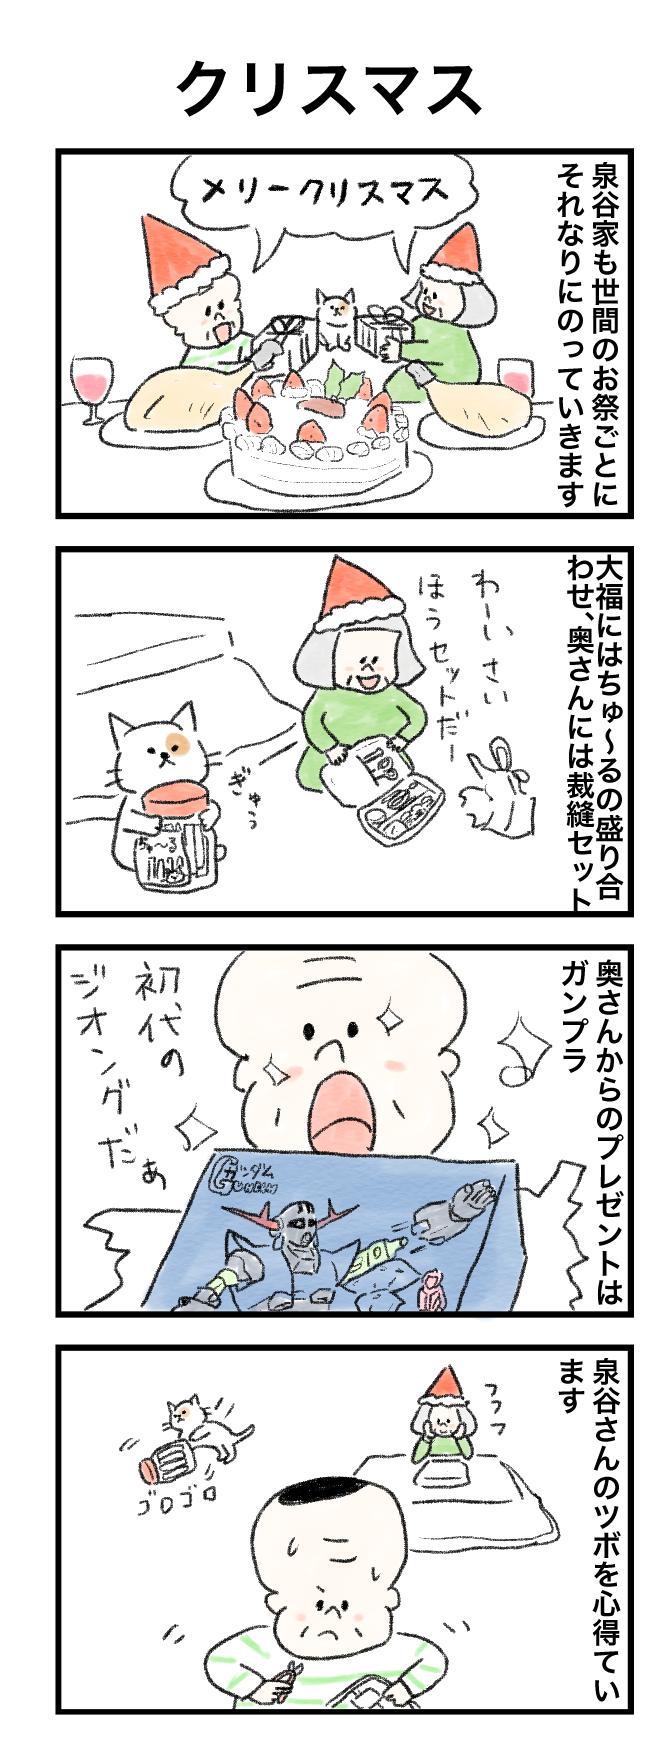 今日の泉谷さん【65】 作:カワサキヒロシ「クリスマス」